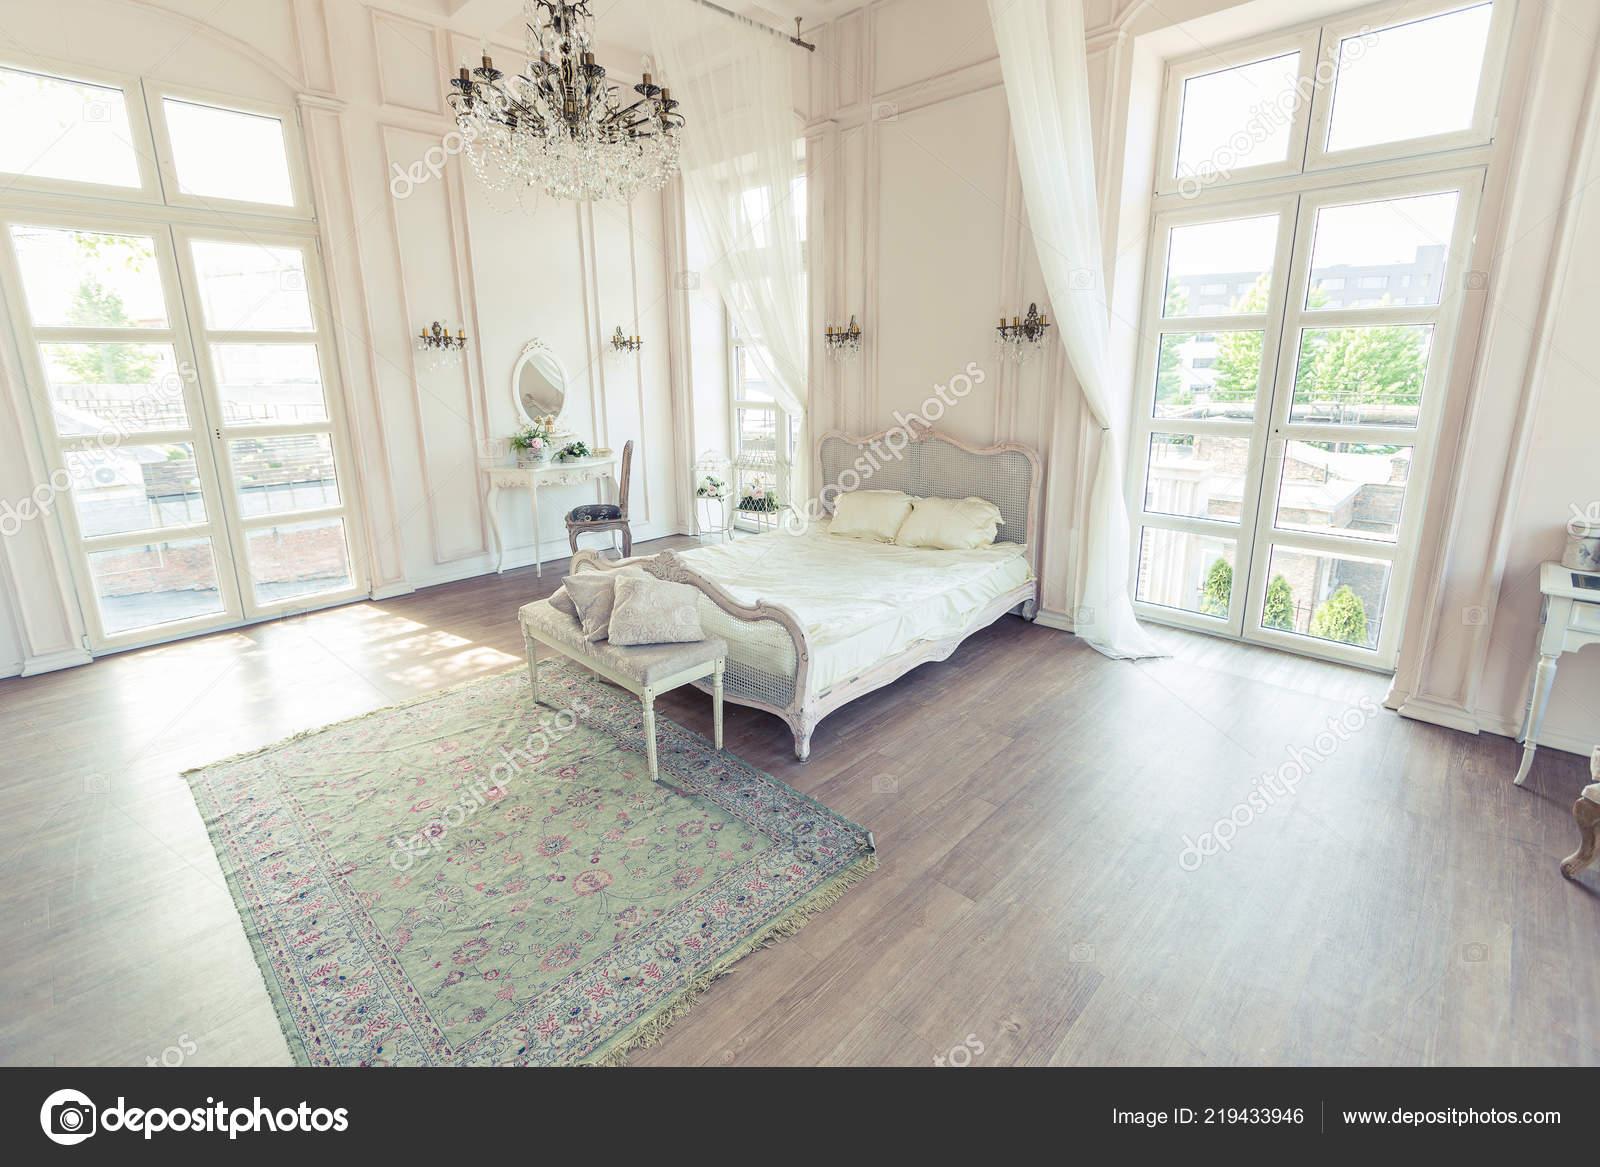 Stilvolle Luxus Schlafzimmer Innenarchitektur Mit Leichten Vintage